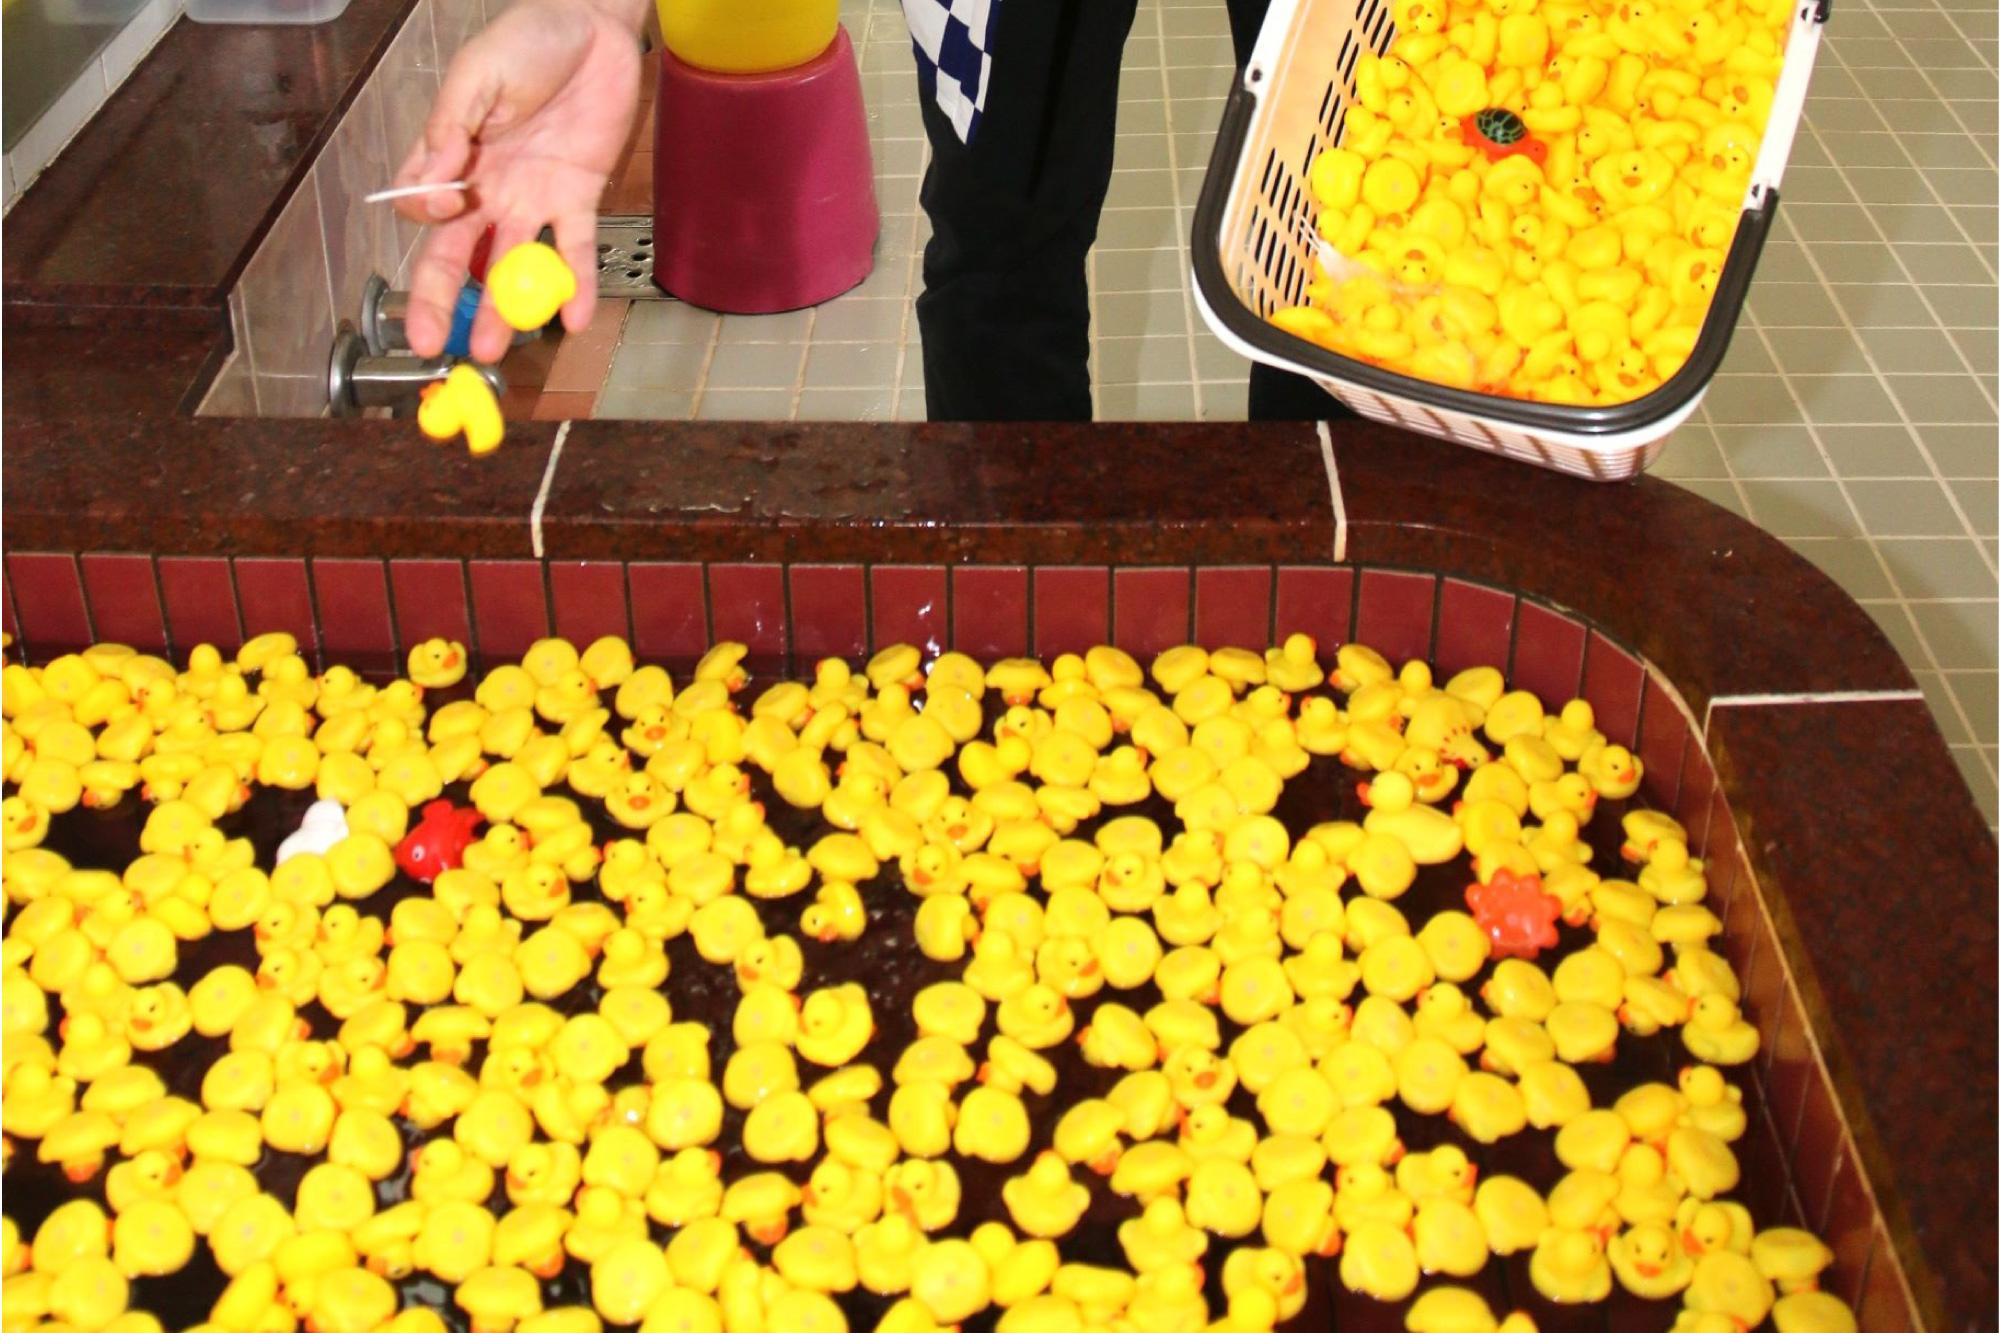 松本パルコと銭湯がコラボ 「松パルの湯」